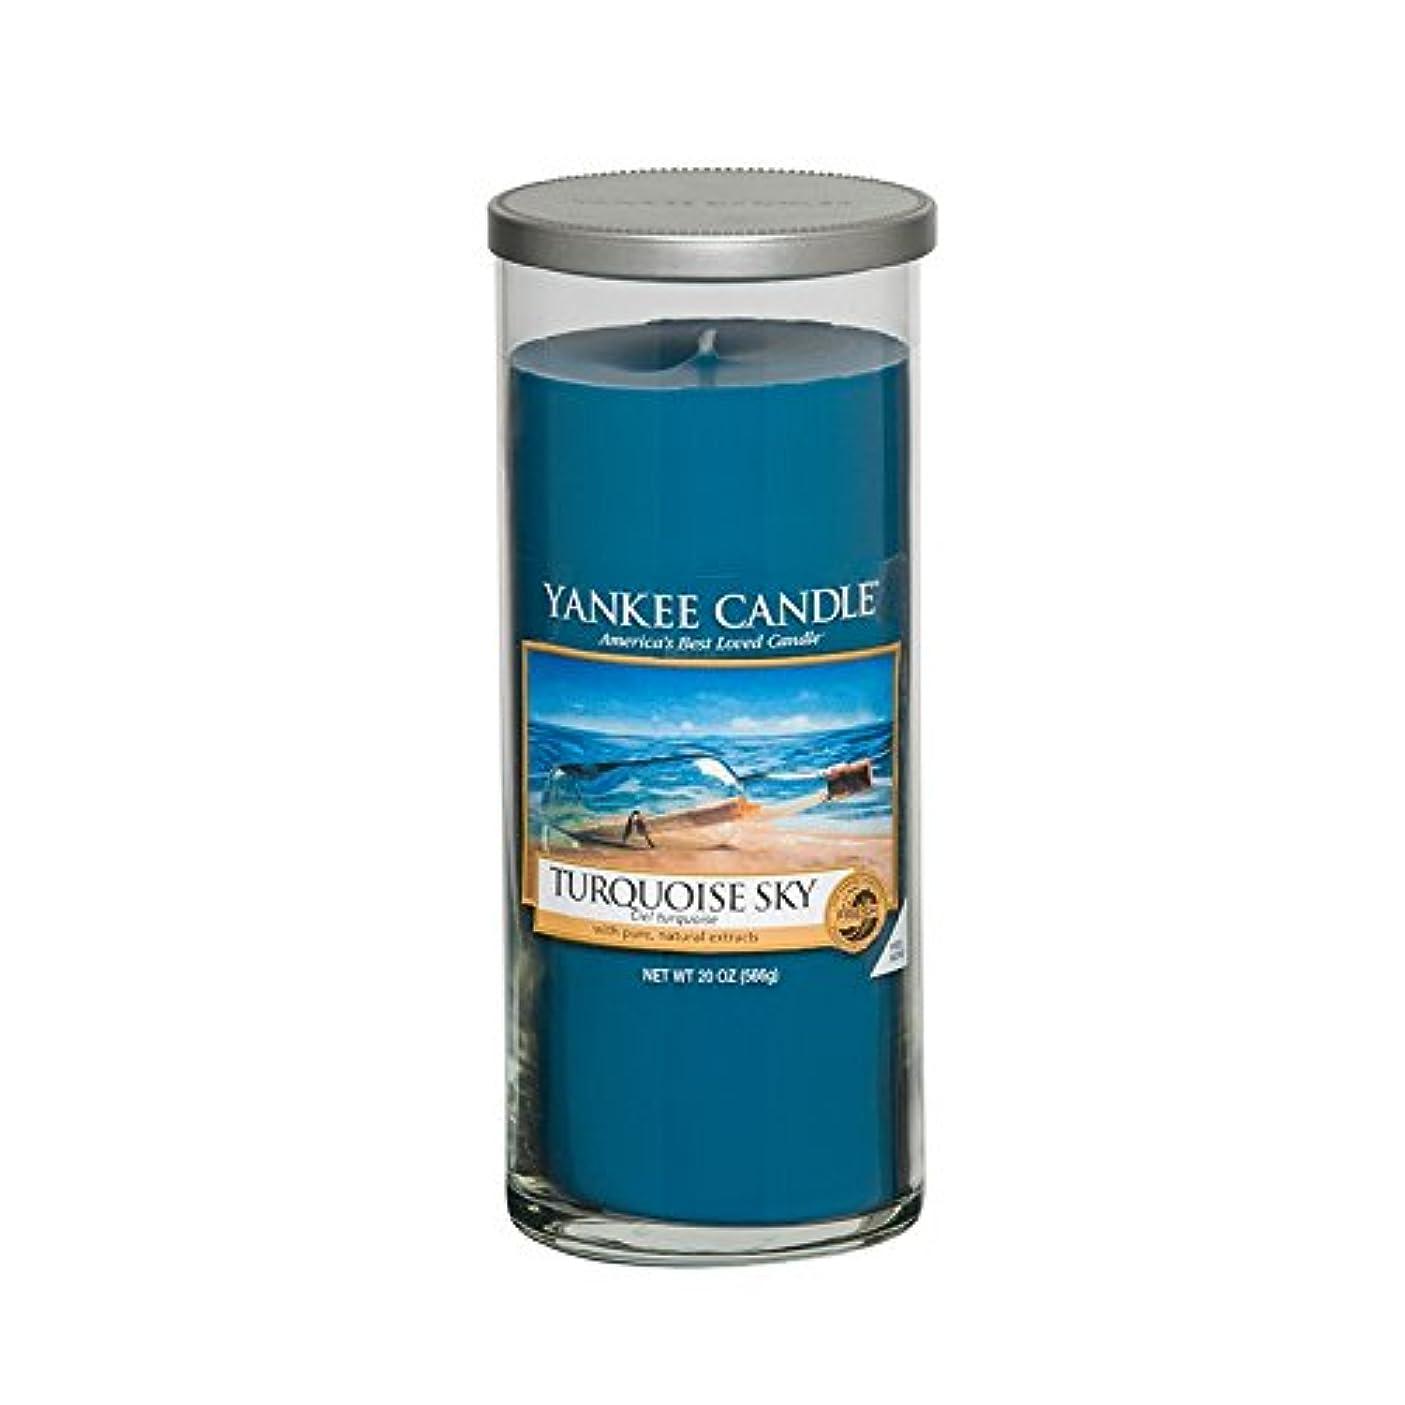 仕方一目空港ヤンキーキャンドル大きな柱キャンドル - ターコイズの空 - Yankee Candles Large Pillar Candle - Turquoise Sky (Yankee Candles) [並行輸入品]